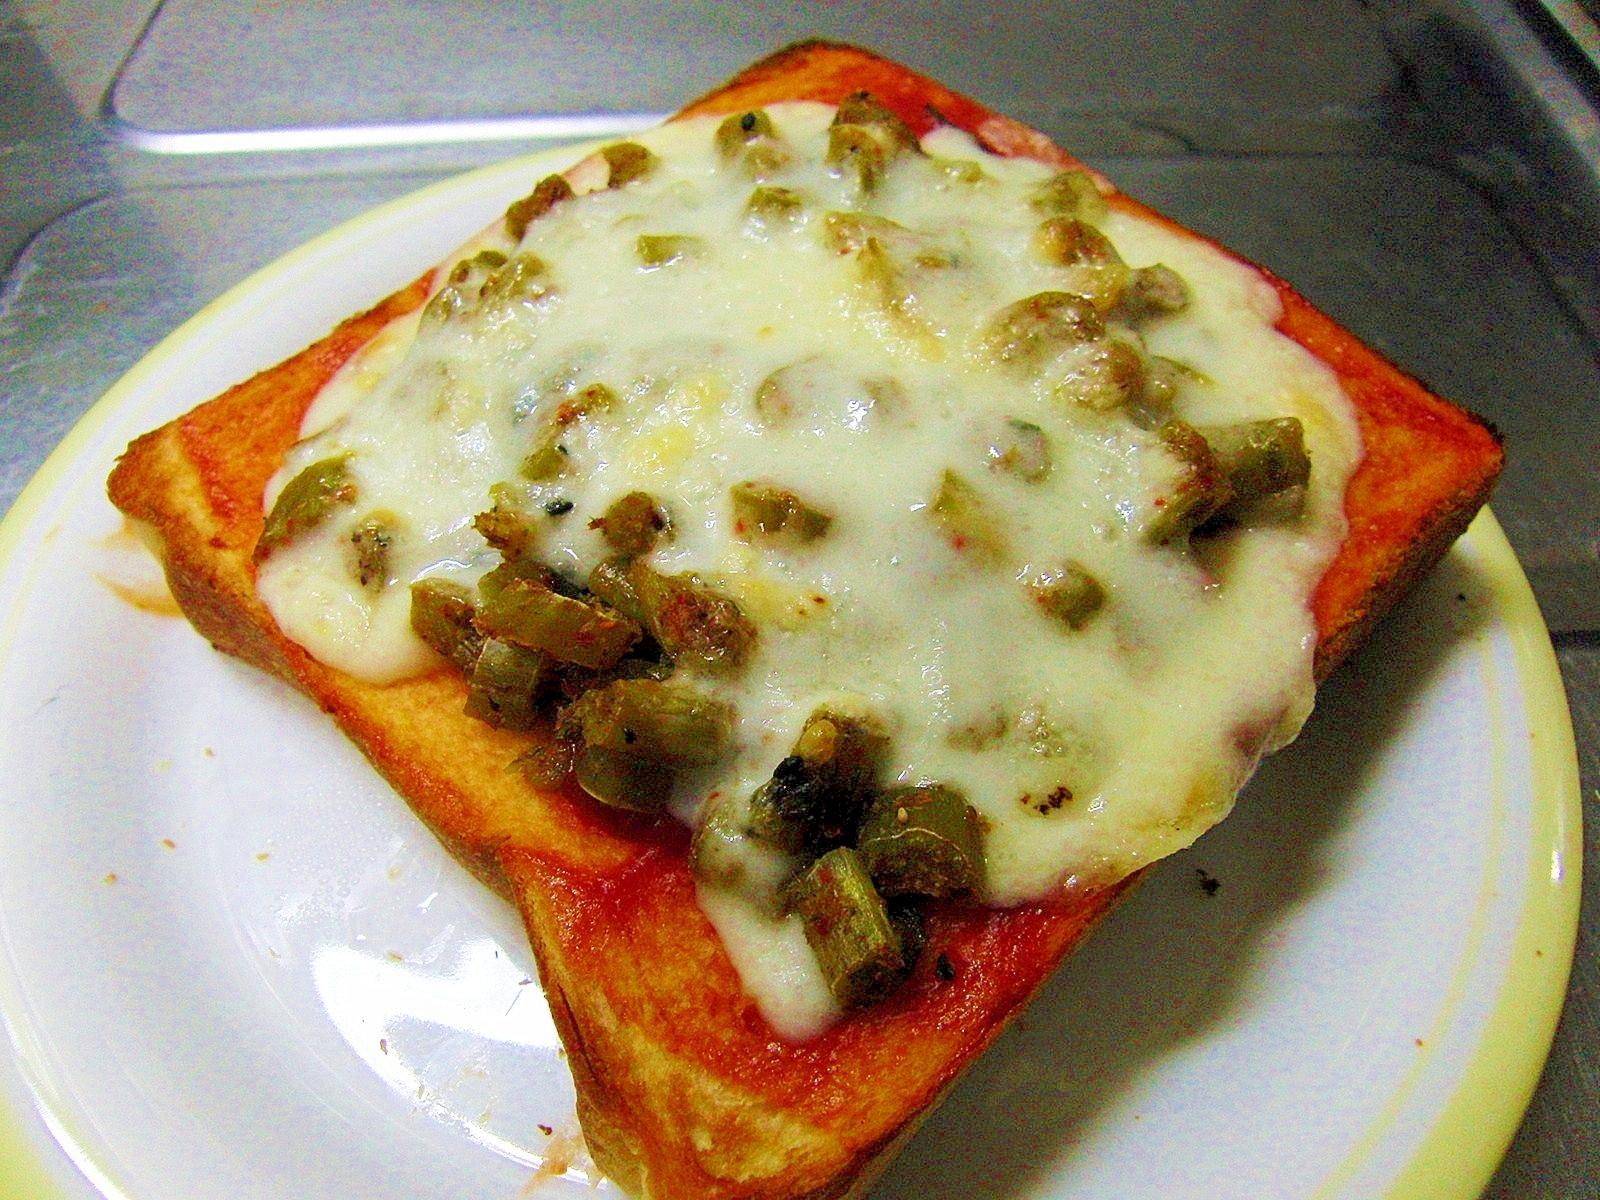 大根葉の炒め物で簡単ピザトースト